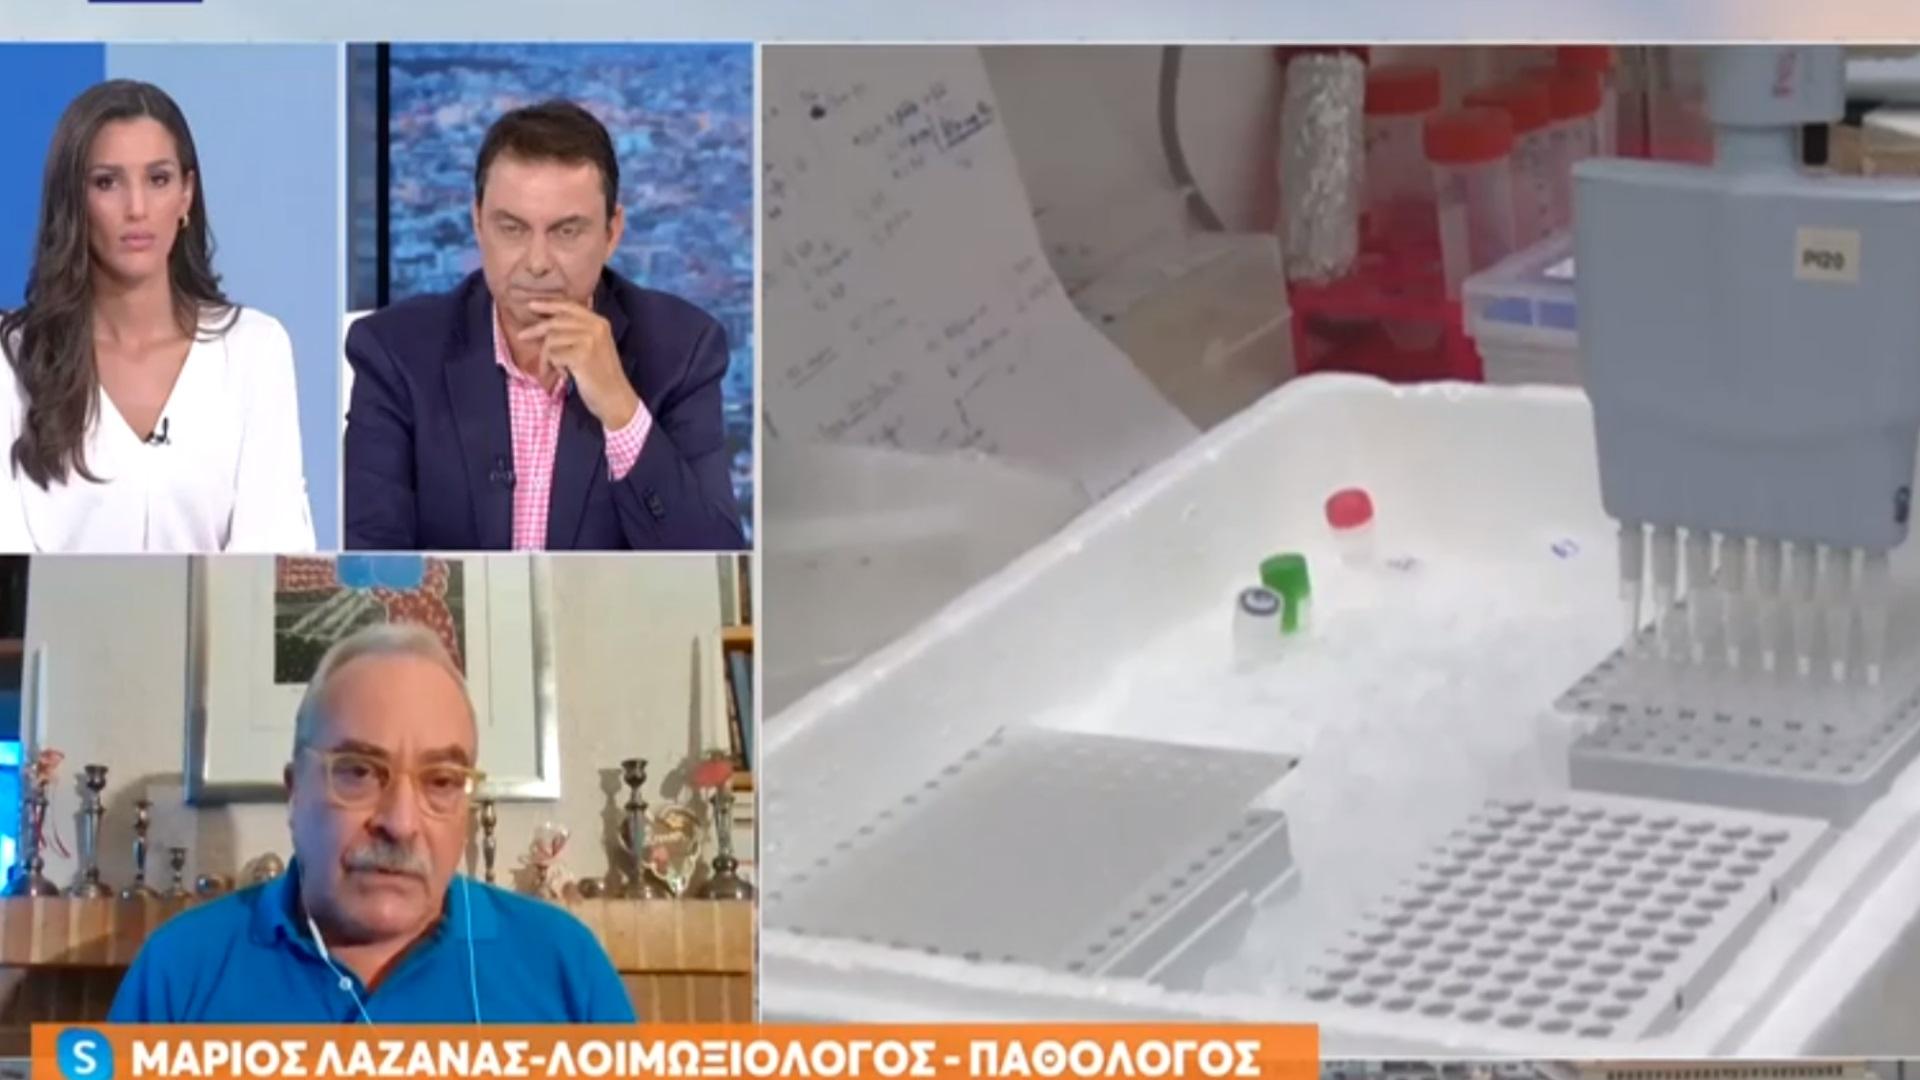 Μάριος Λαζανάς: Δέχομαι απειλές από αντιεμβολιαστές